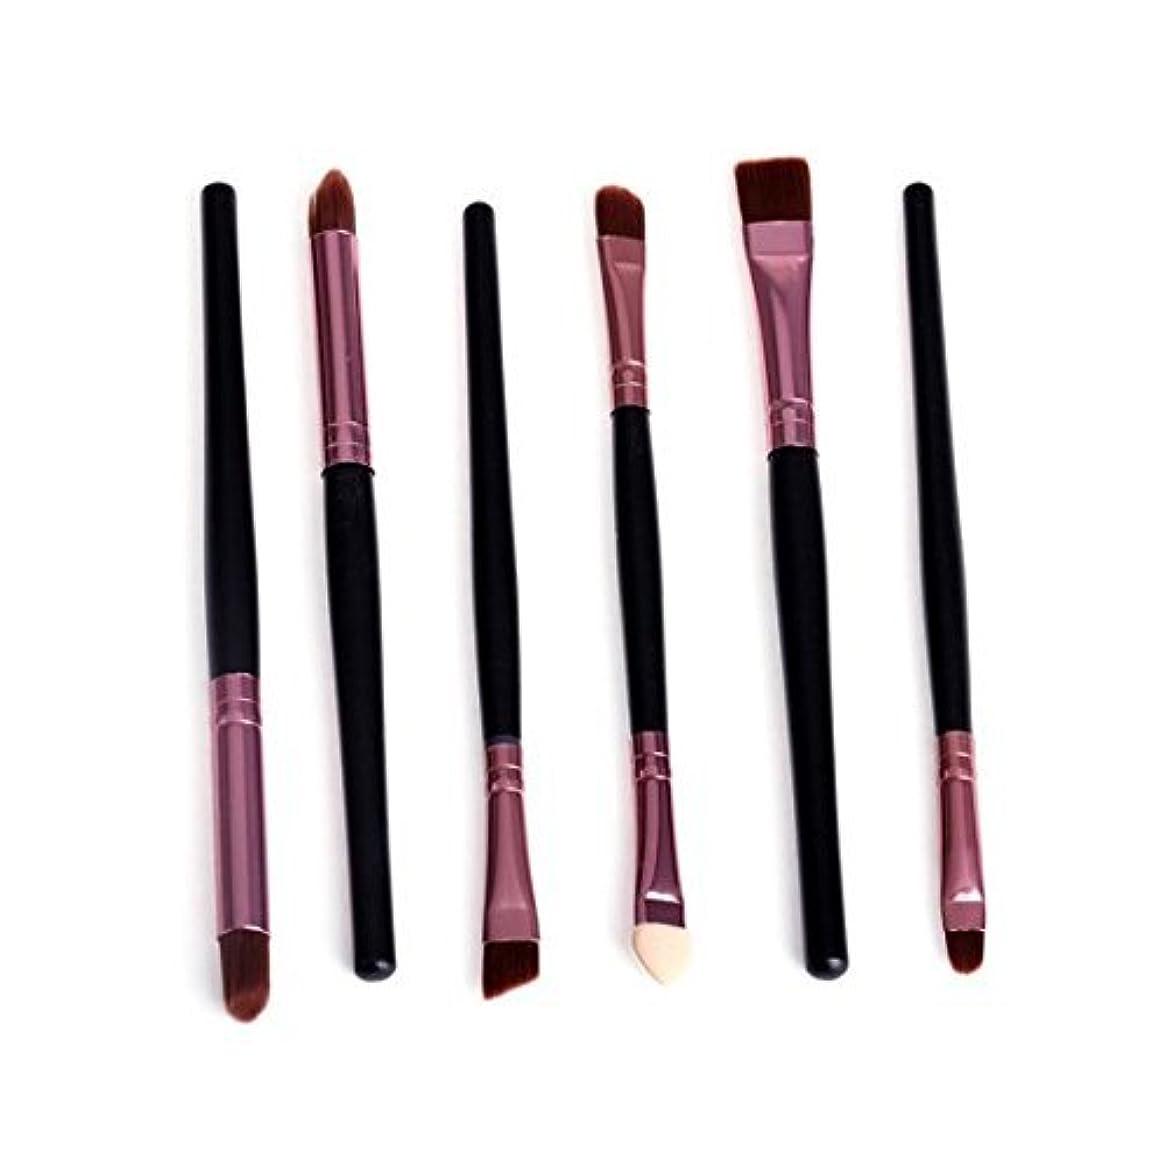 影のある大破コマース6つの基本的な個目ブラシセット目影ブラシブレンドブラシ化粧ブラシ